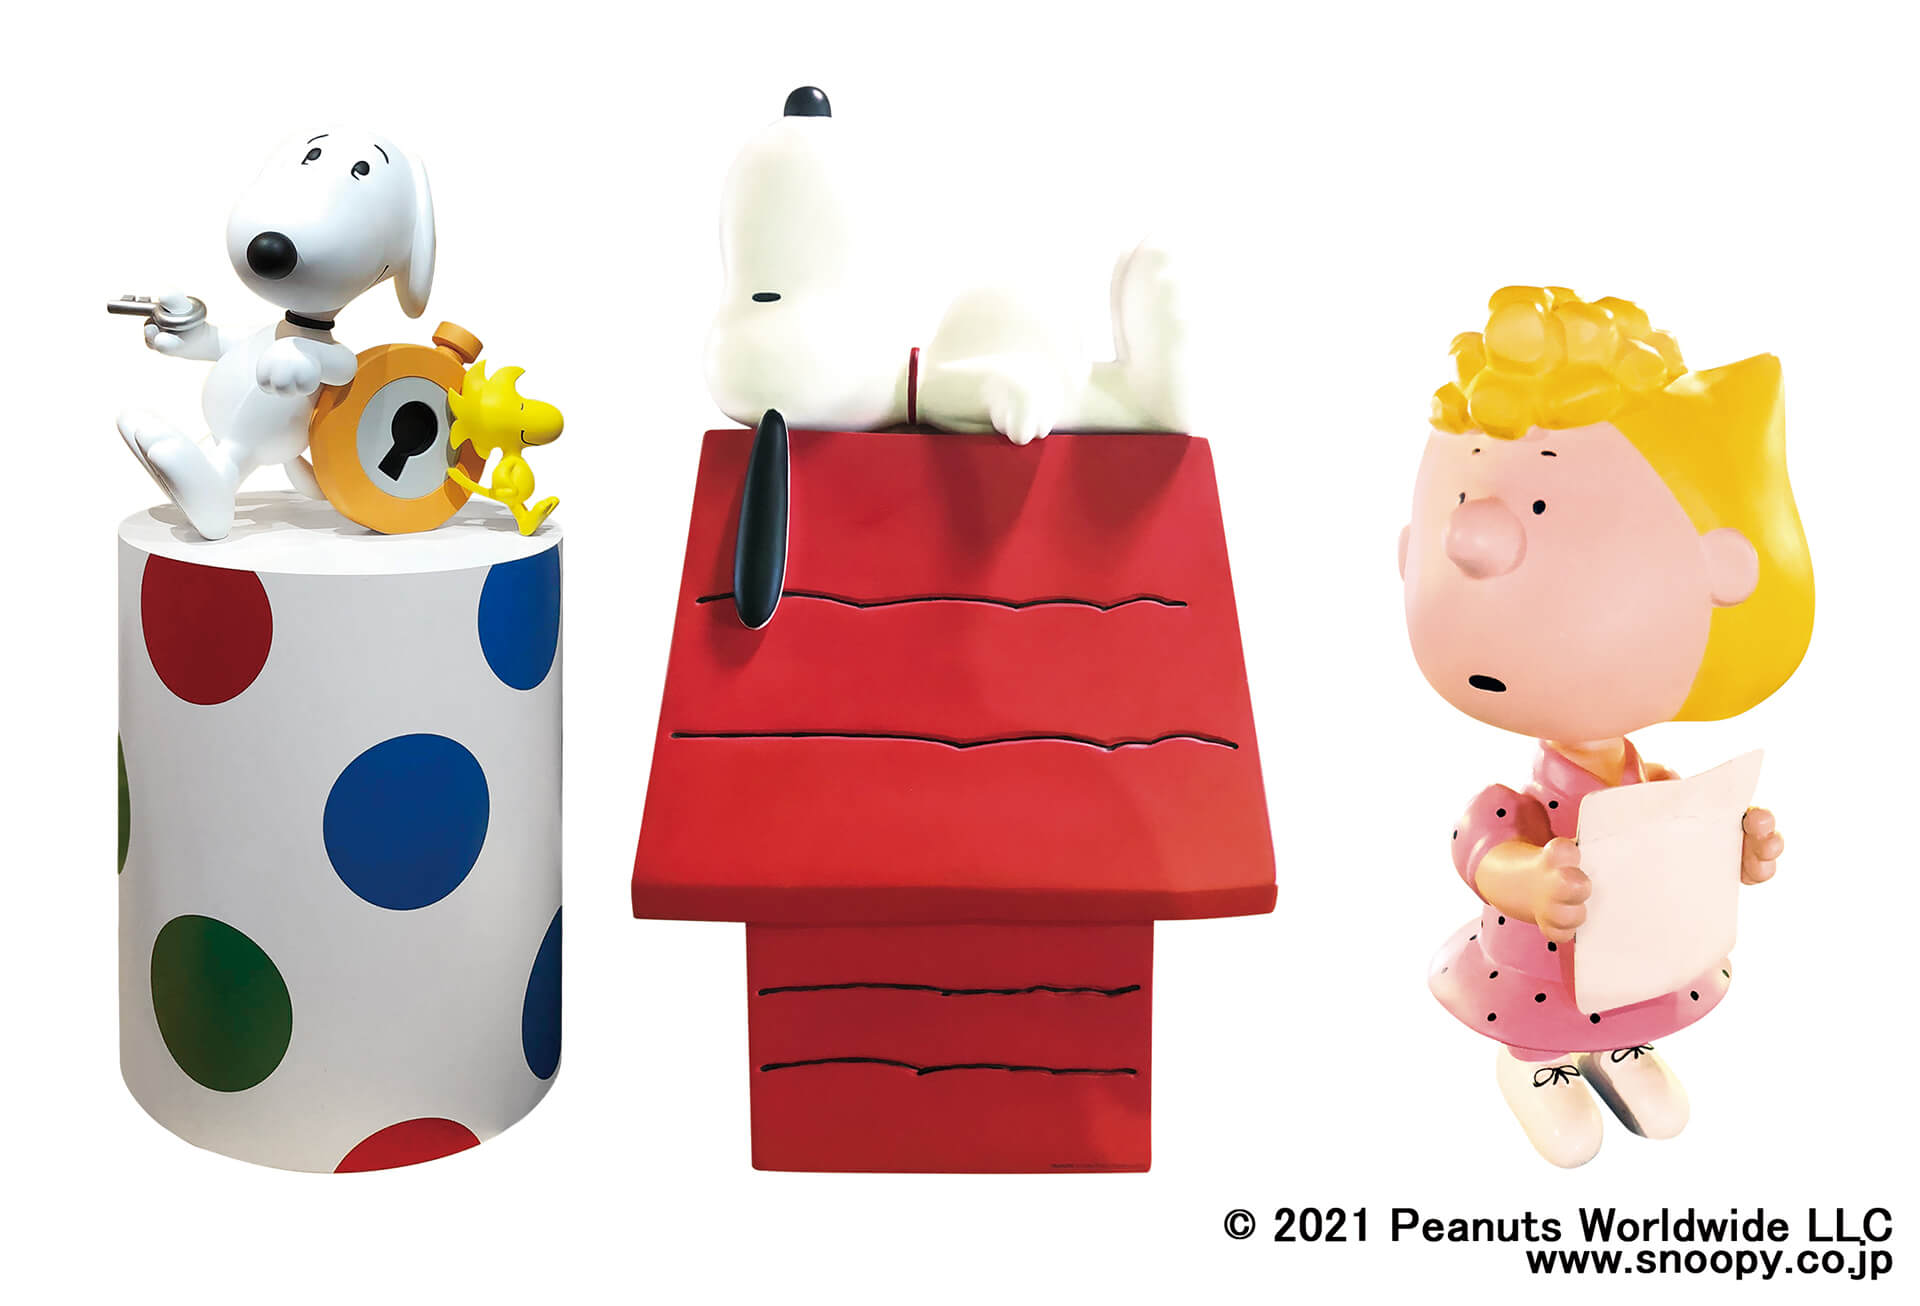 ピーナッツ生誕70周年記念「スヌーピー タイムカプセル展」